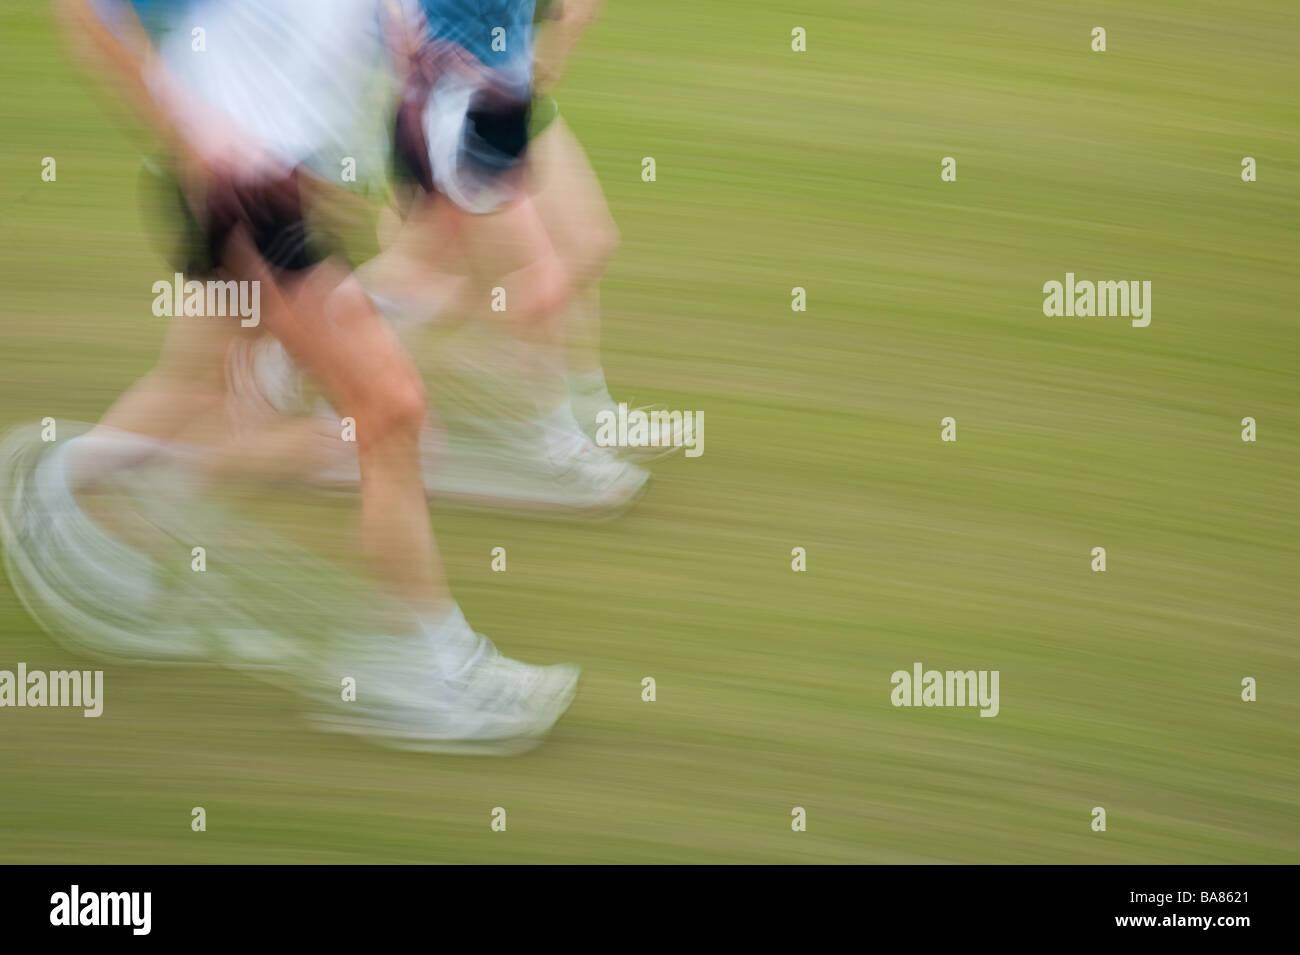 Motion Blur imagen de dos personas ejecutando el ejercicio de footing Foto de stock